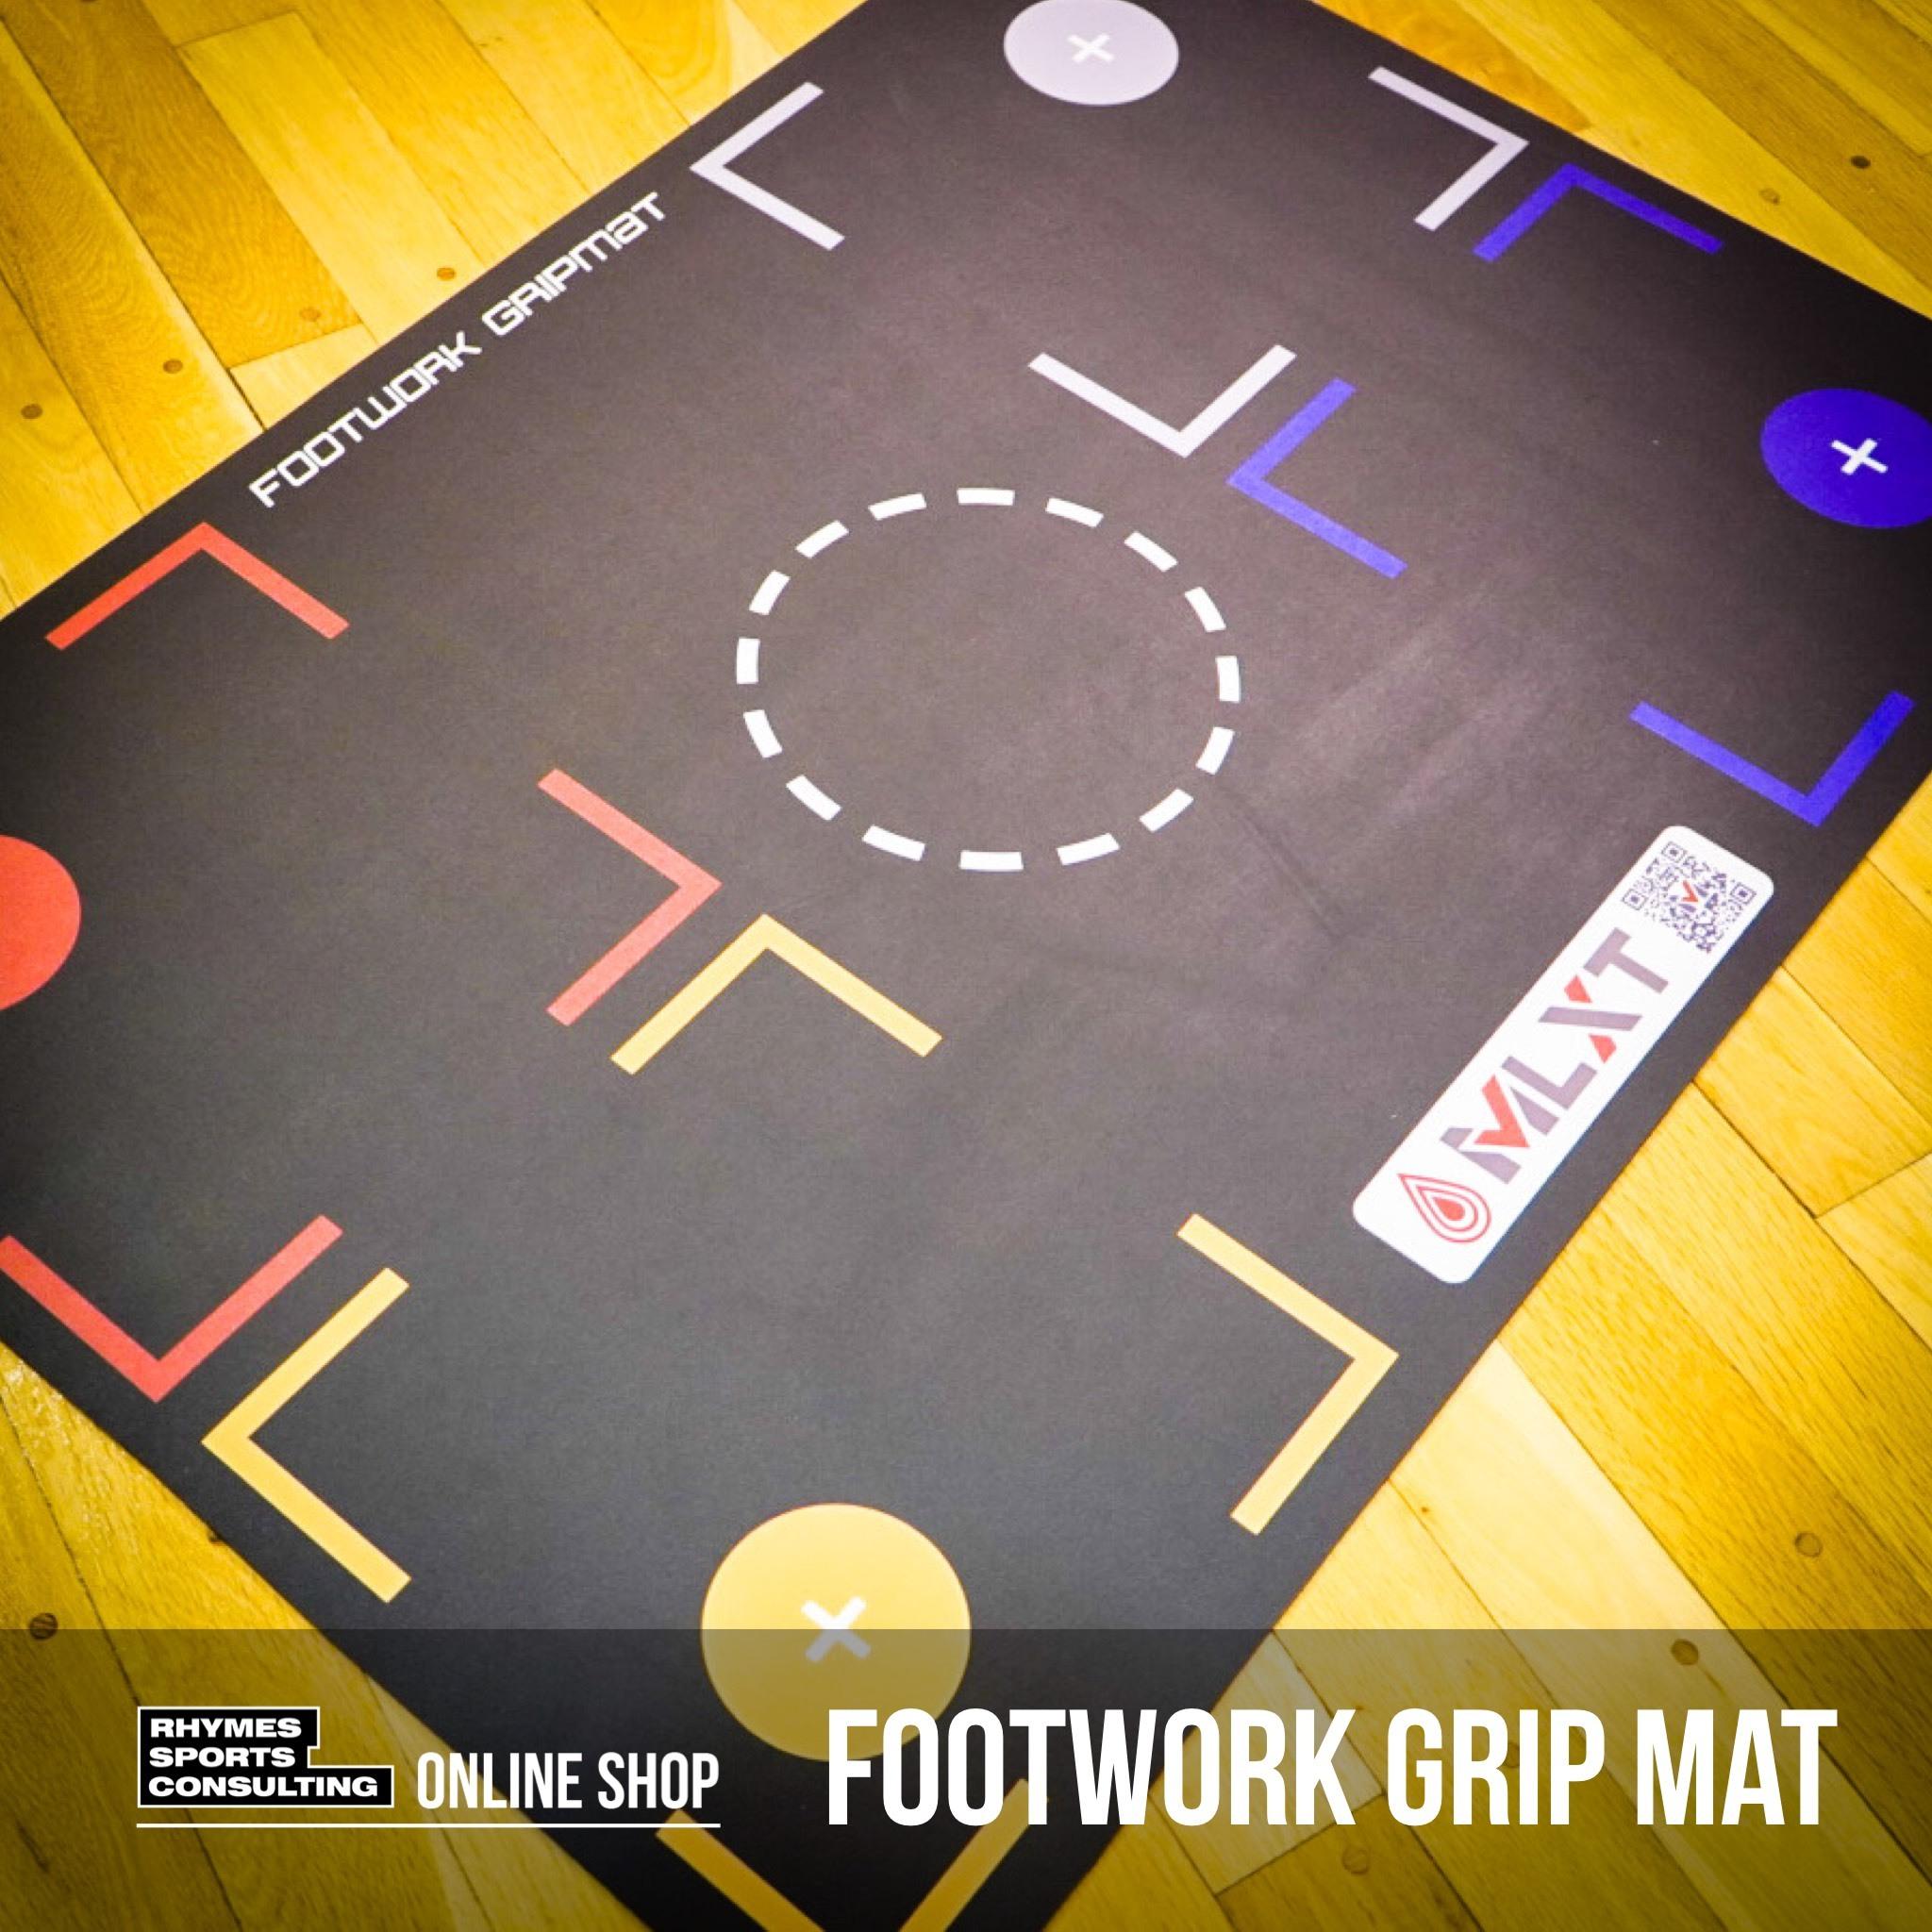 【日本で唯一の正規商品取扱店】FOOTWORK GRIPMAT|スキルトレーニング専用 フットワークマット